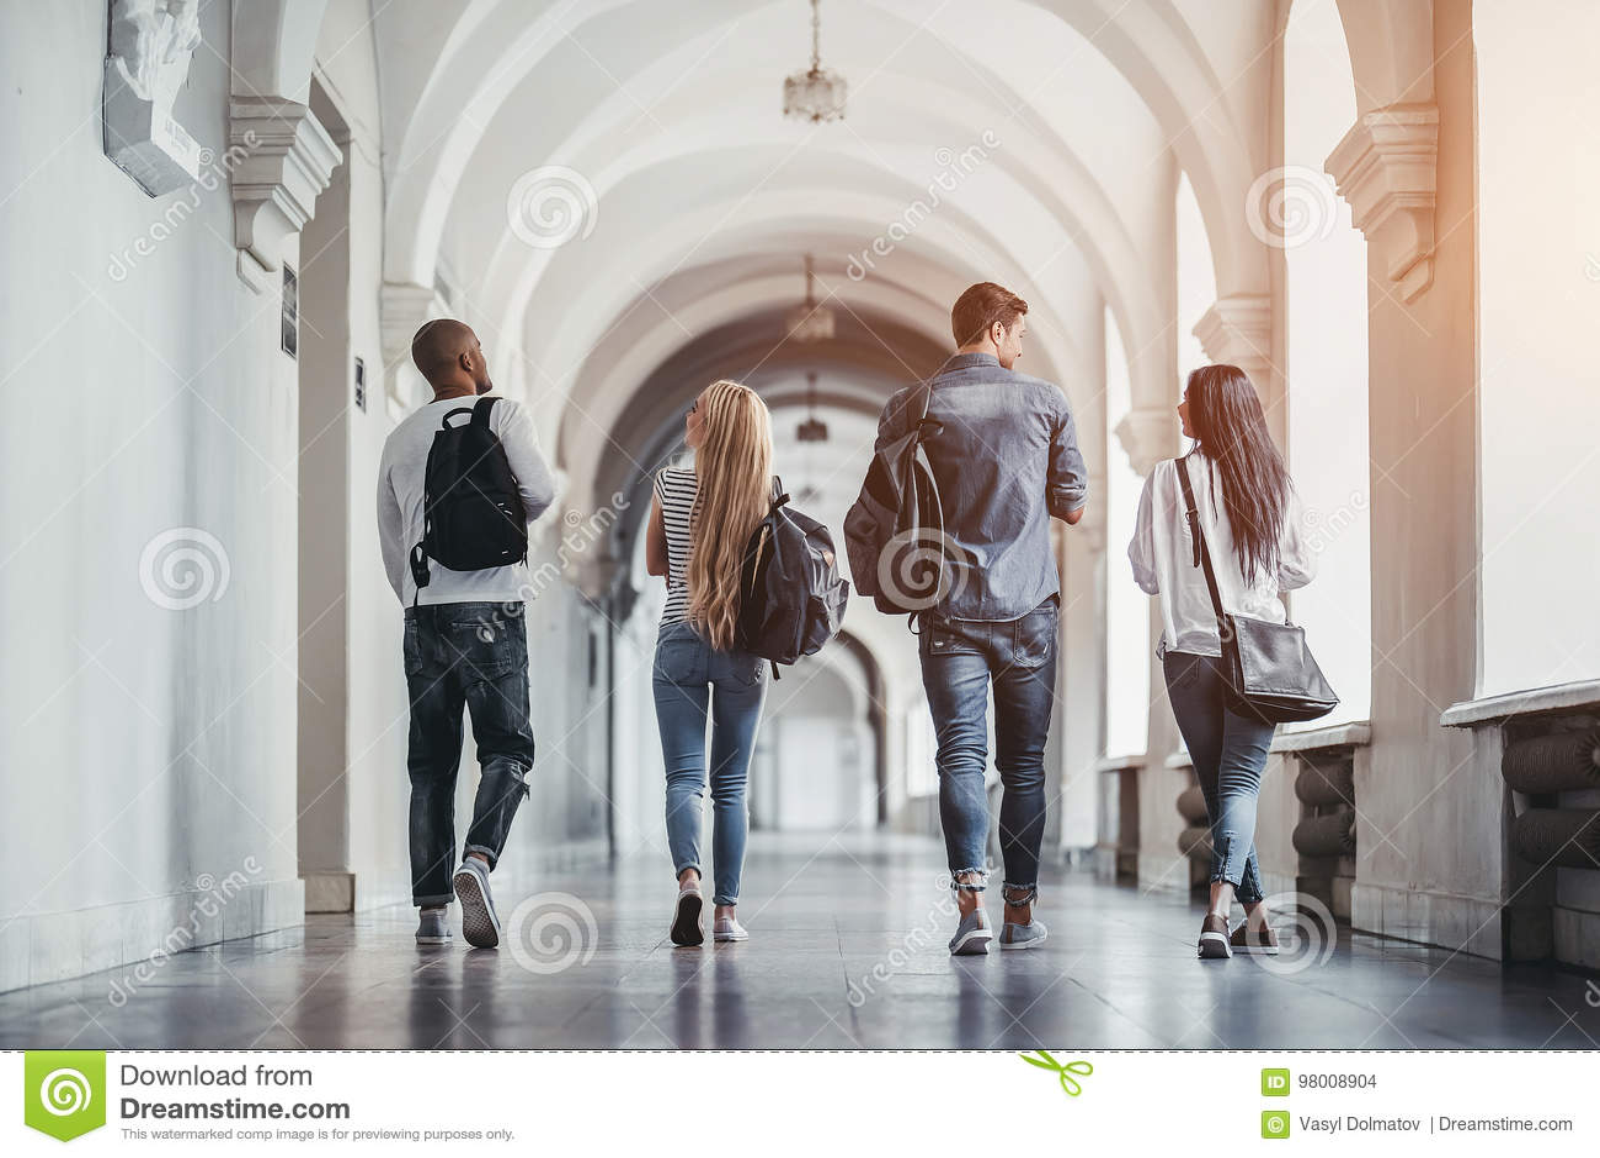 Studenten in der Universität